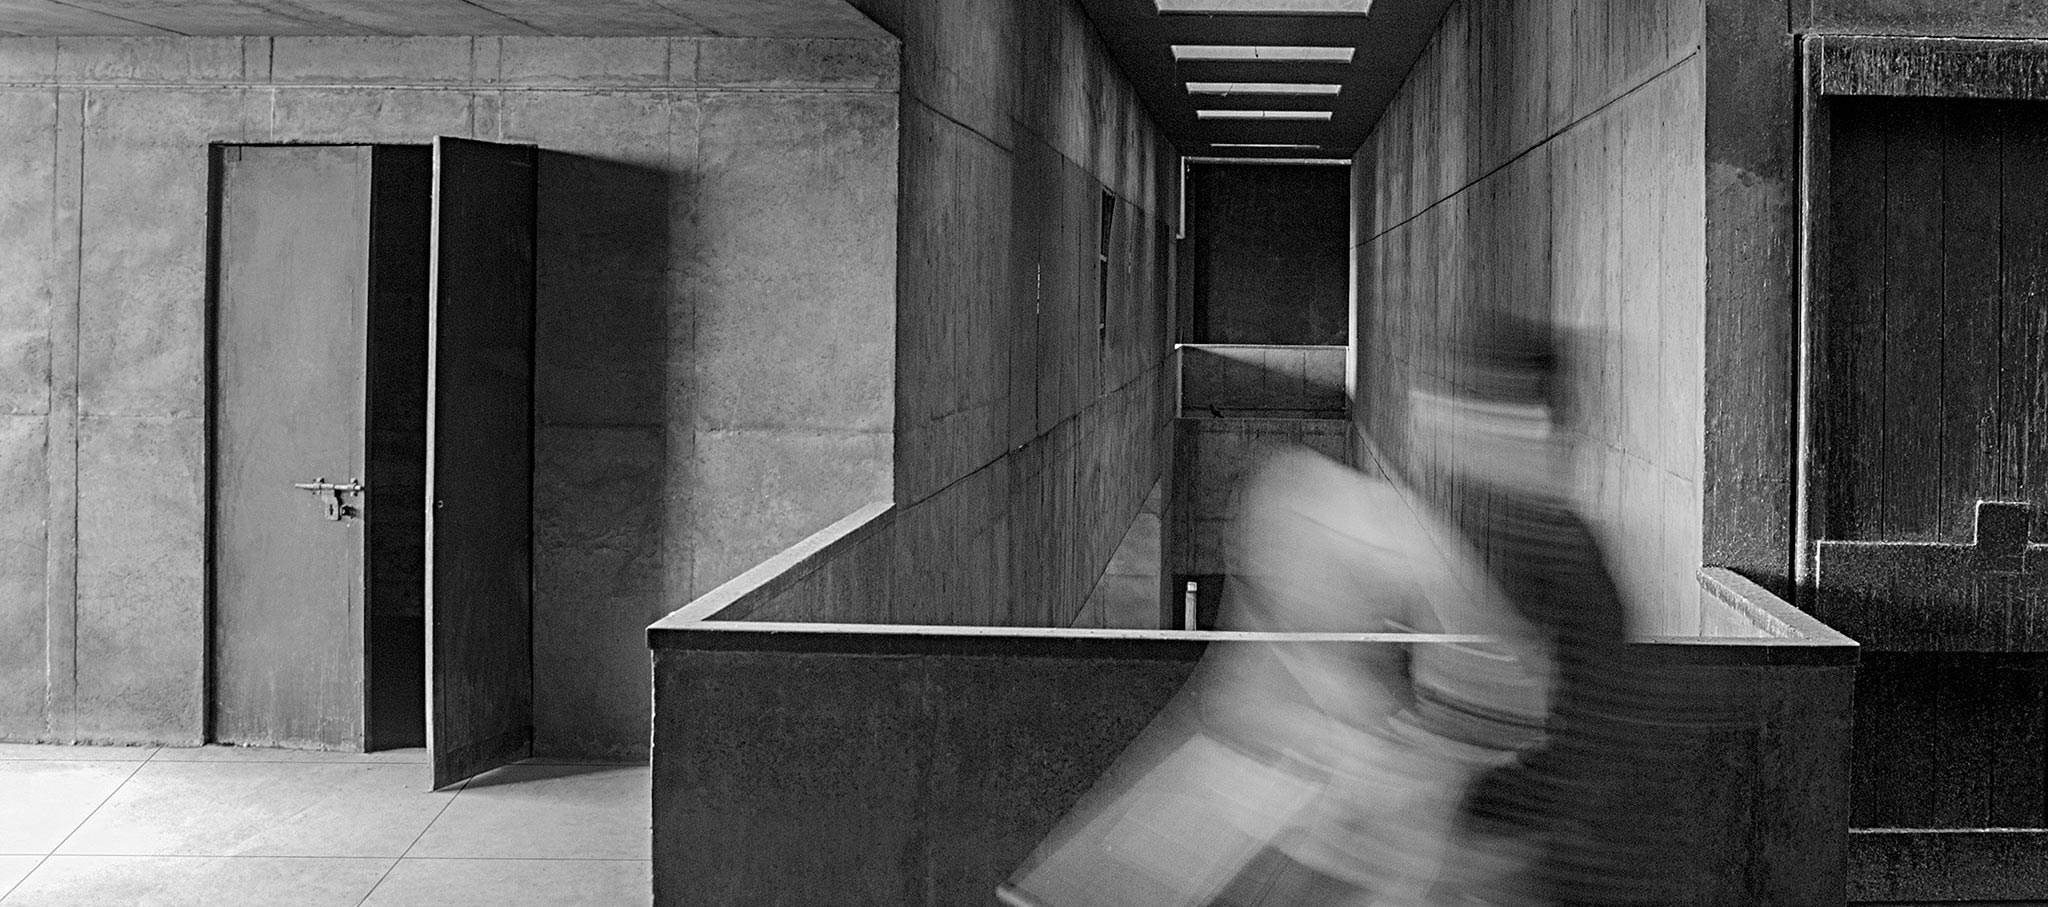 Premabhai Hall. Imagen cortesía de VSF / Premio Pritzker de Arquitectura